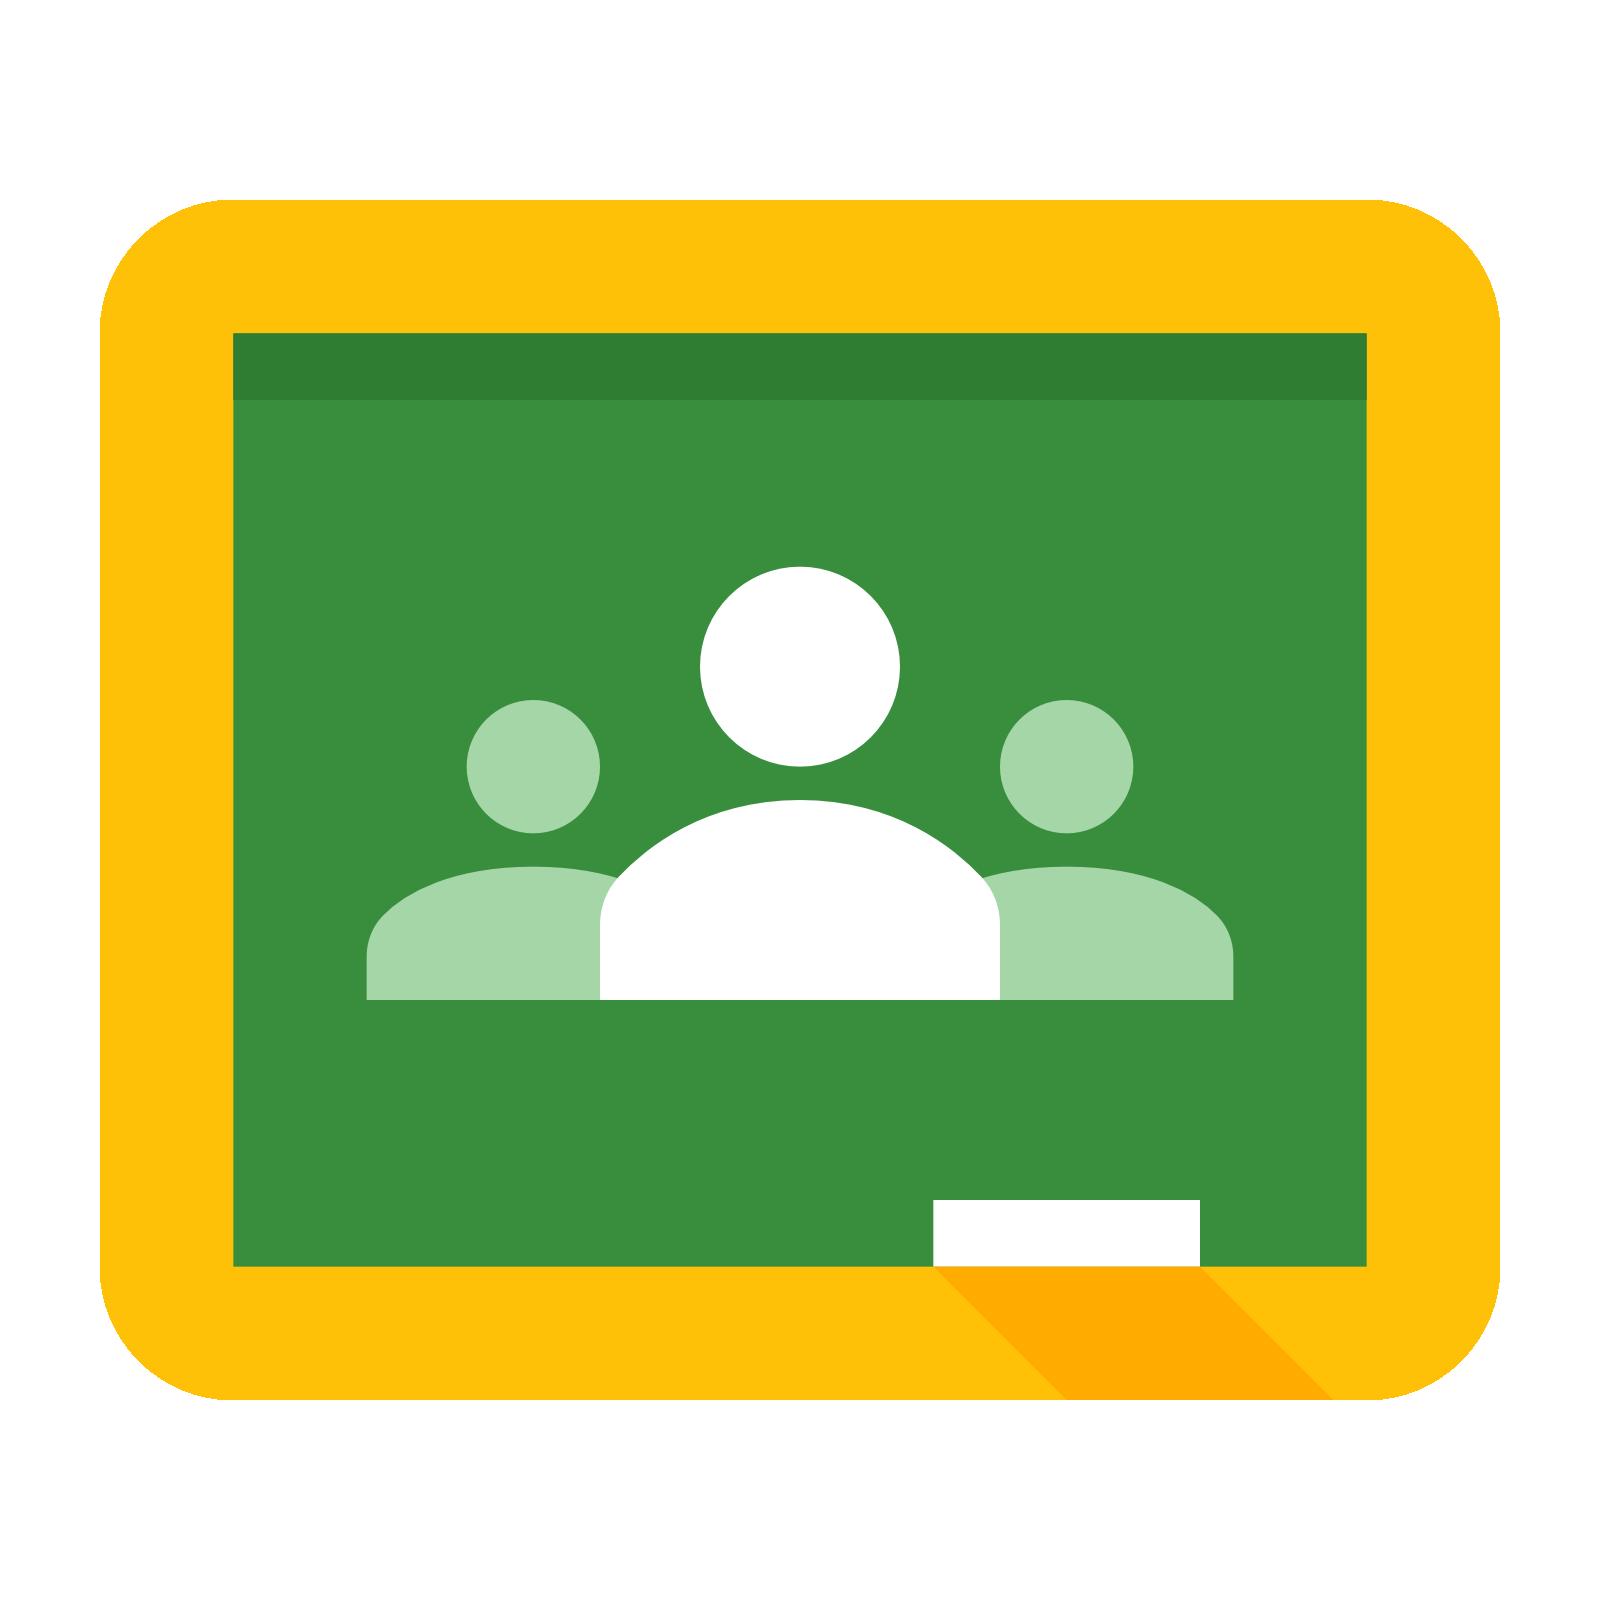 Portal . Student clipart icon